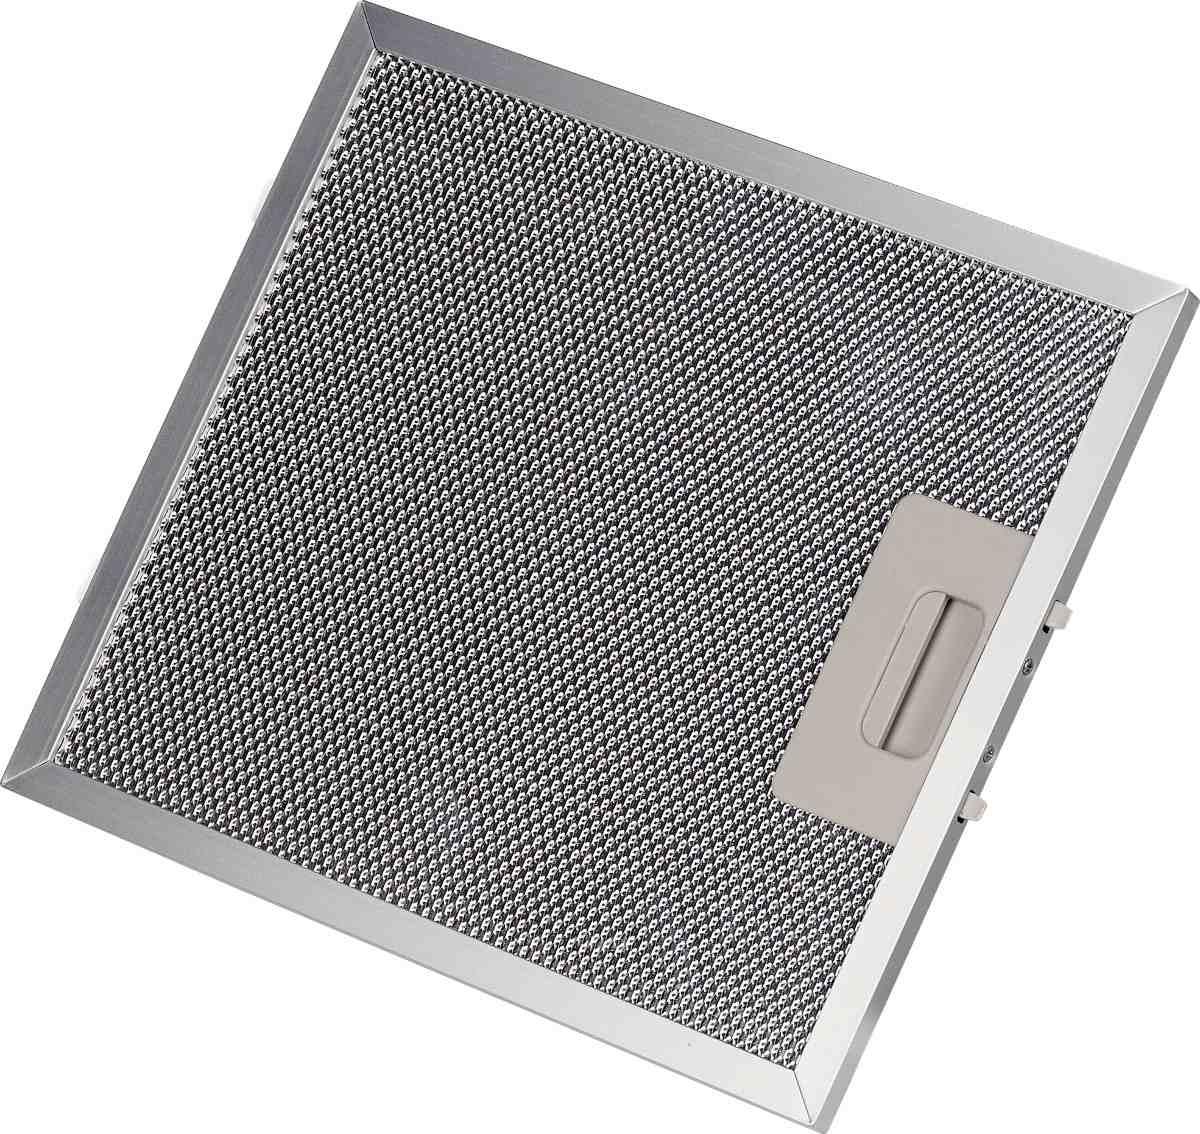 Filtro Alumínio Coifa Suggar Jade Ilha 35x30 cm  - HL SERVICE